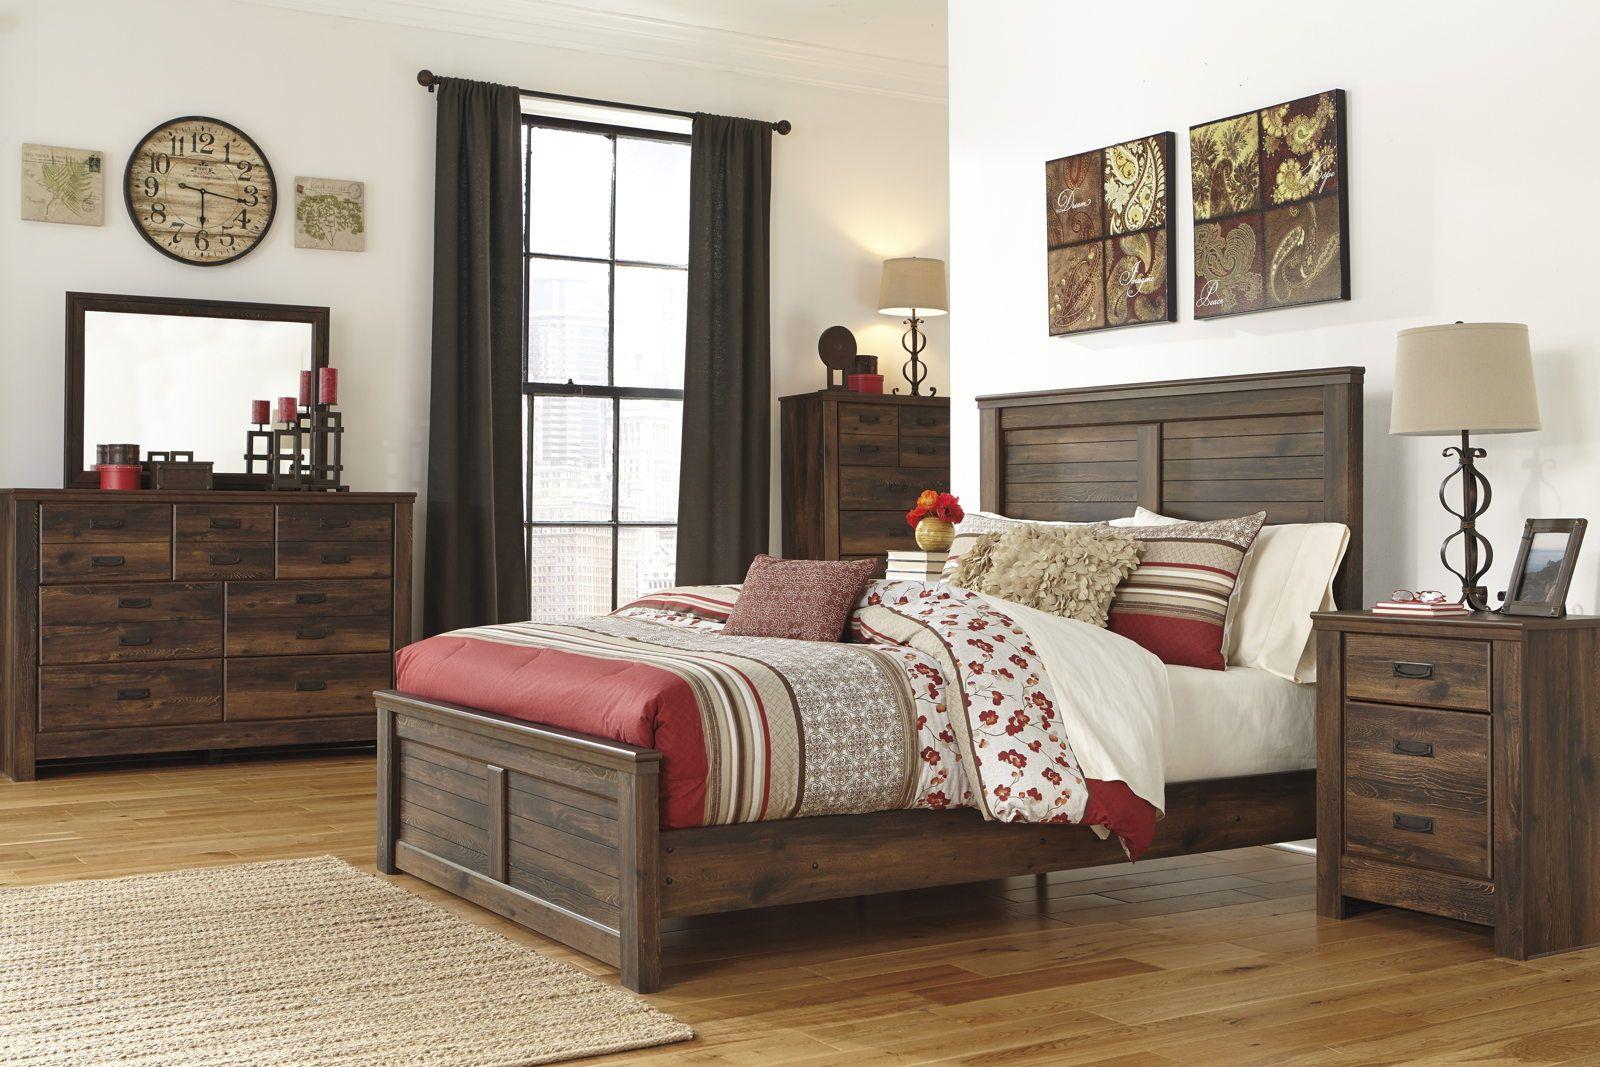 Quinden Rustic Panel Bedroom Set in Dark Brown | Bedroom ...